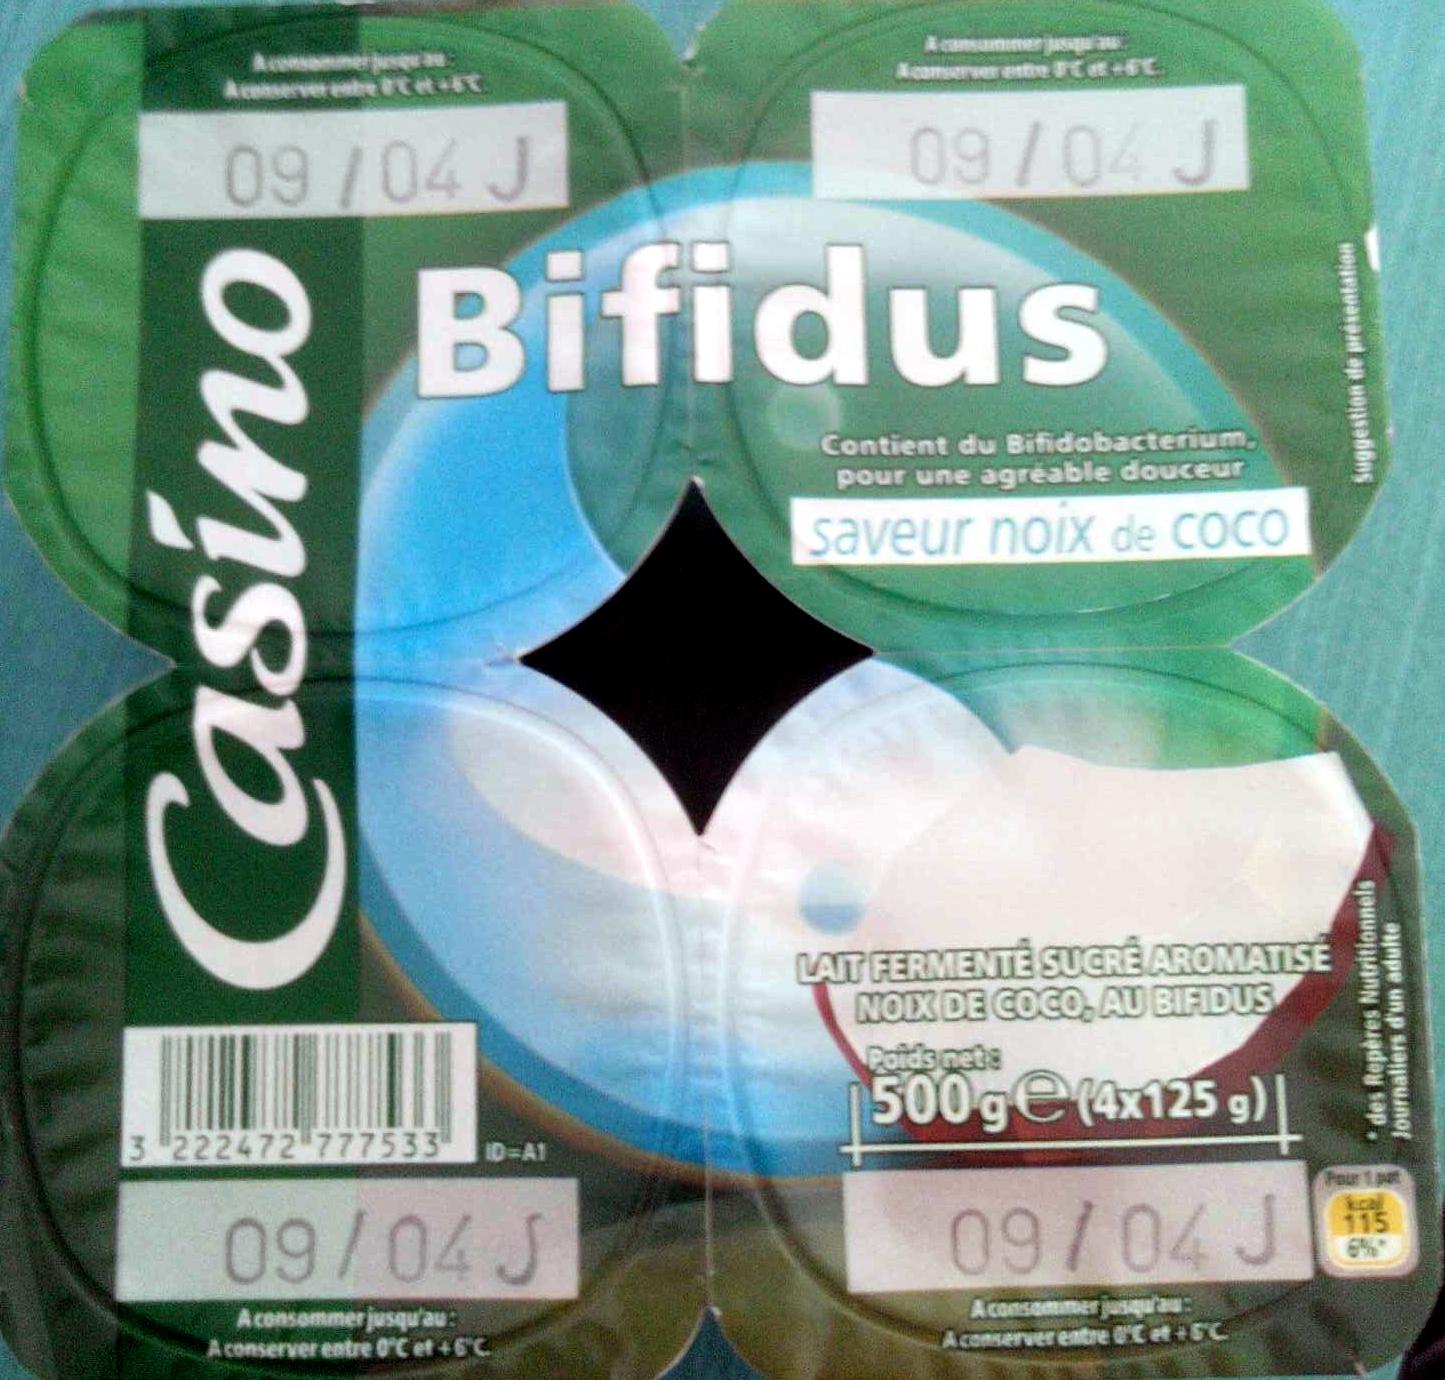 Bifidus saveur noix de coco - Produit